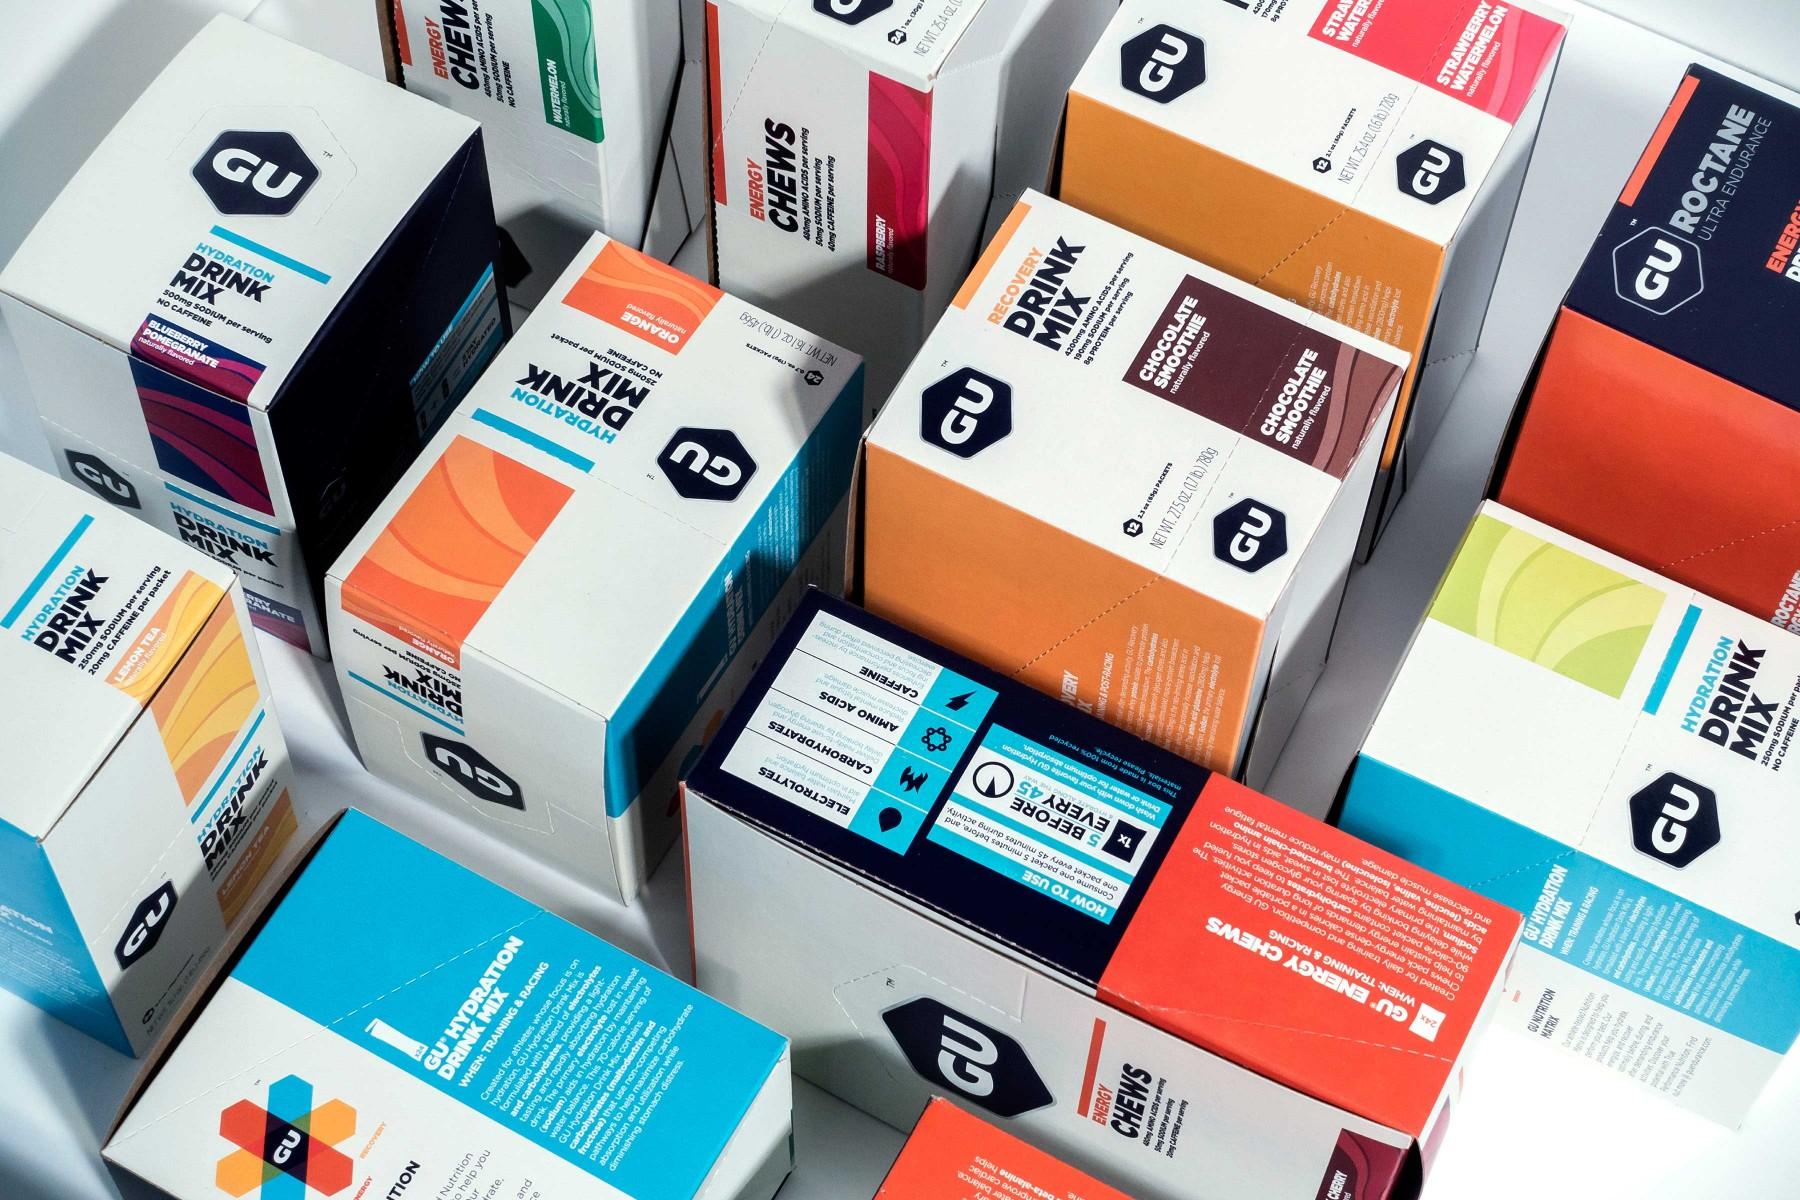 GU Packaging